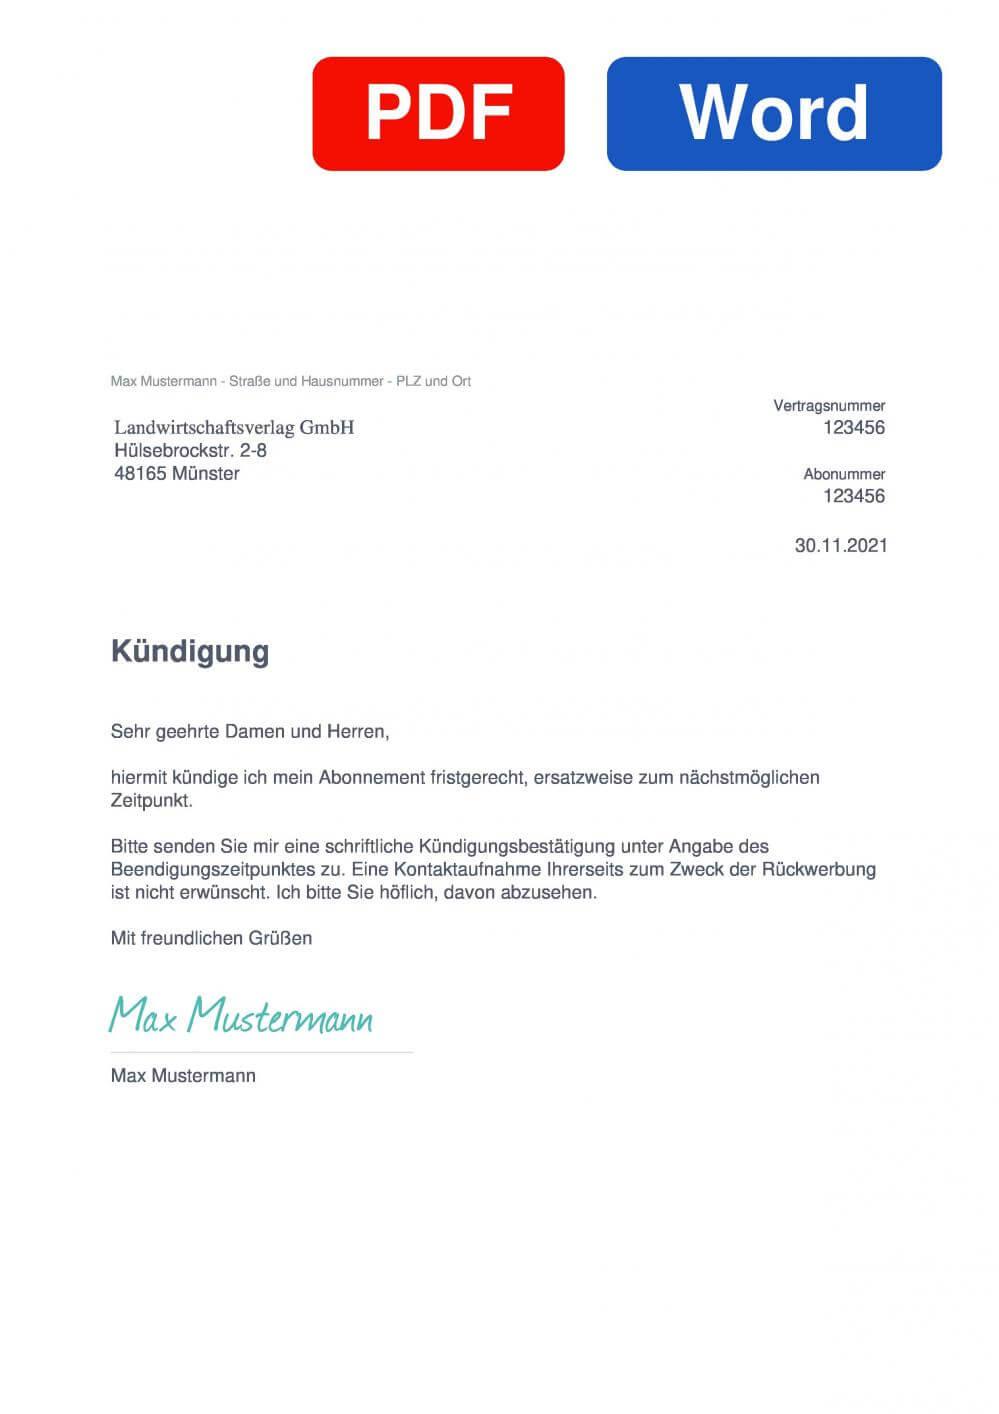 profi.de Muster Vorlage für Kündigungsschreiben